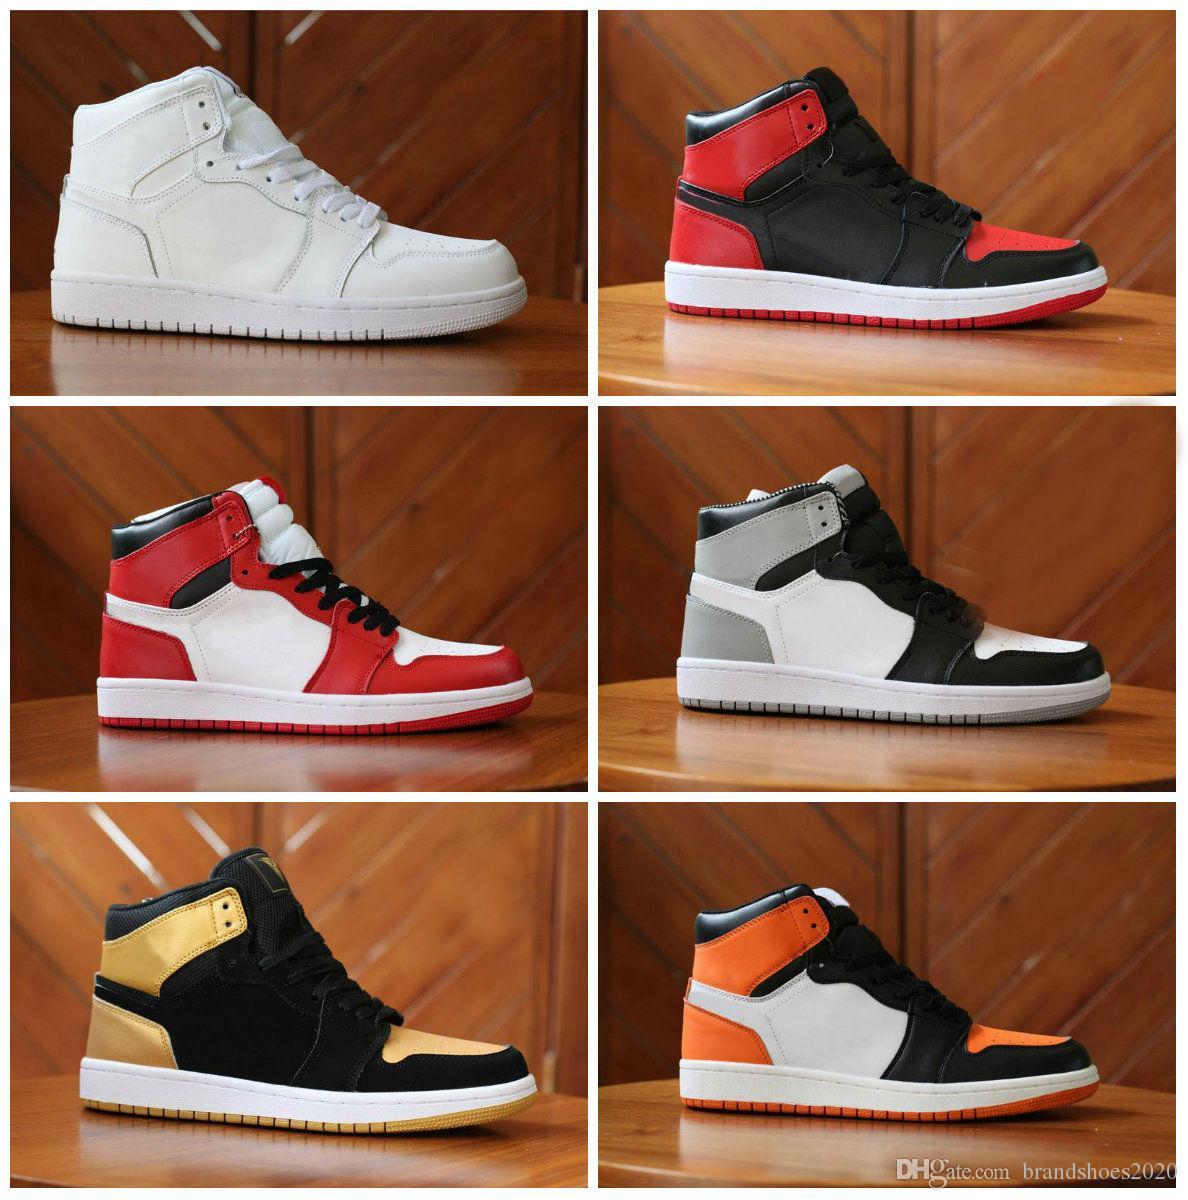 Yüksek OG Yasaklandı Bred Toe Örümcek-Adam UNC 1 s üst 3 Erkek Basketbol Ayakkabıları Ev Homage Chicago Kraliyet Erkekler Spor Tasarımcısı Sneakers